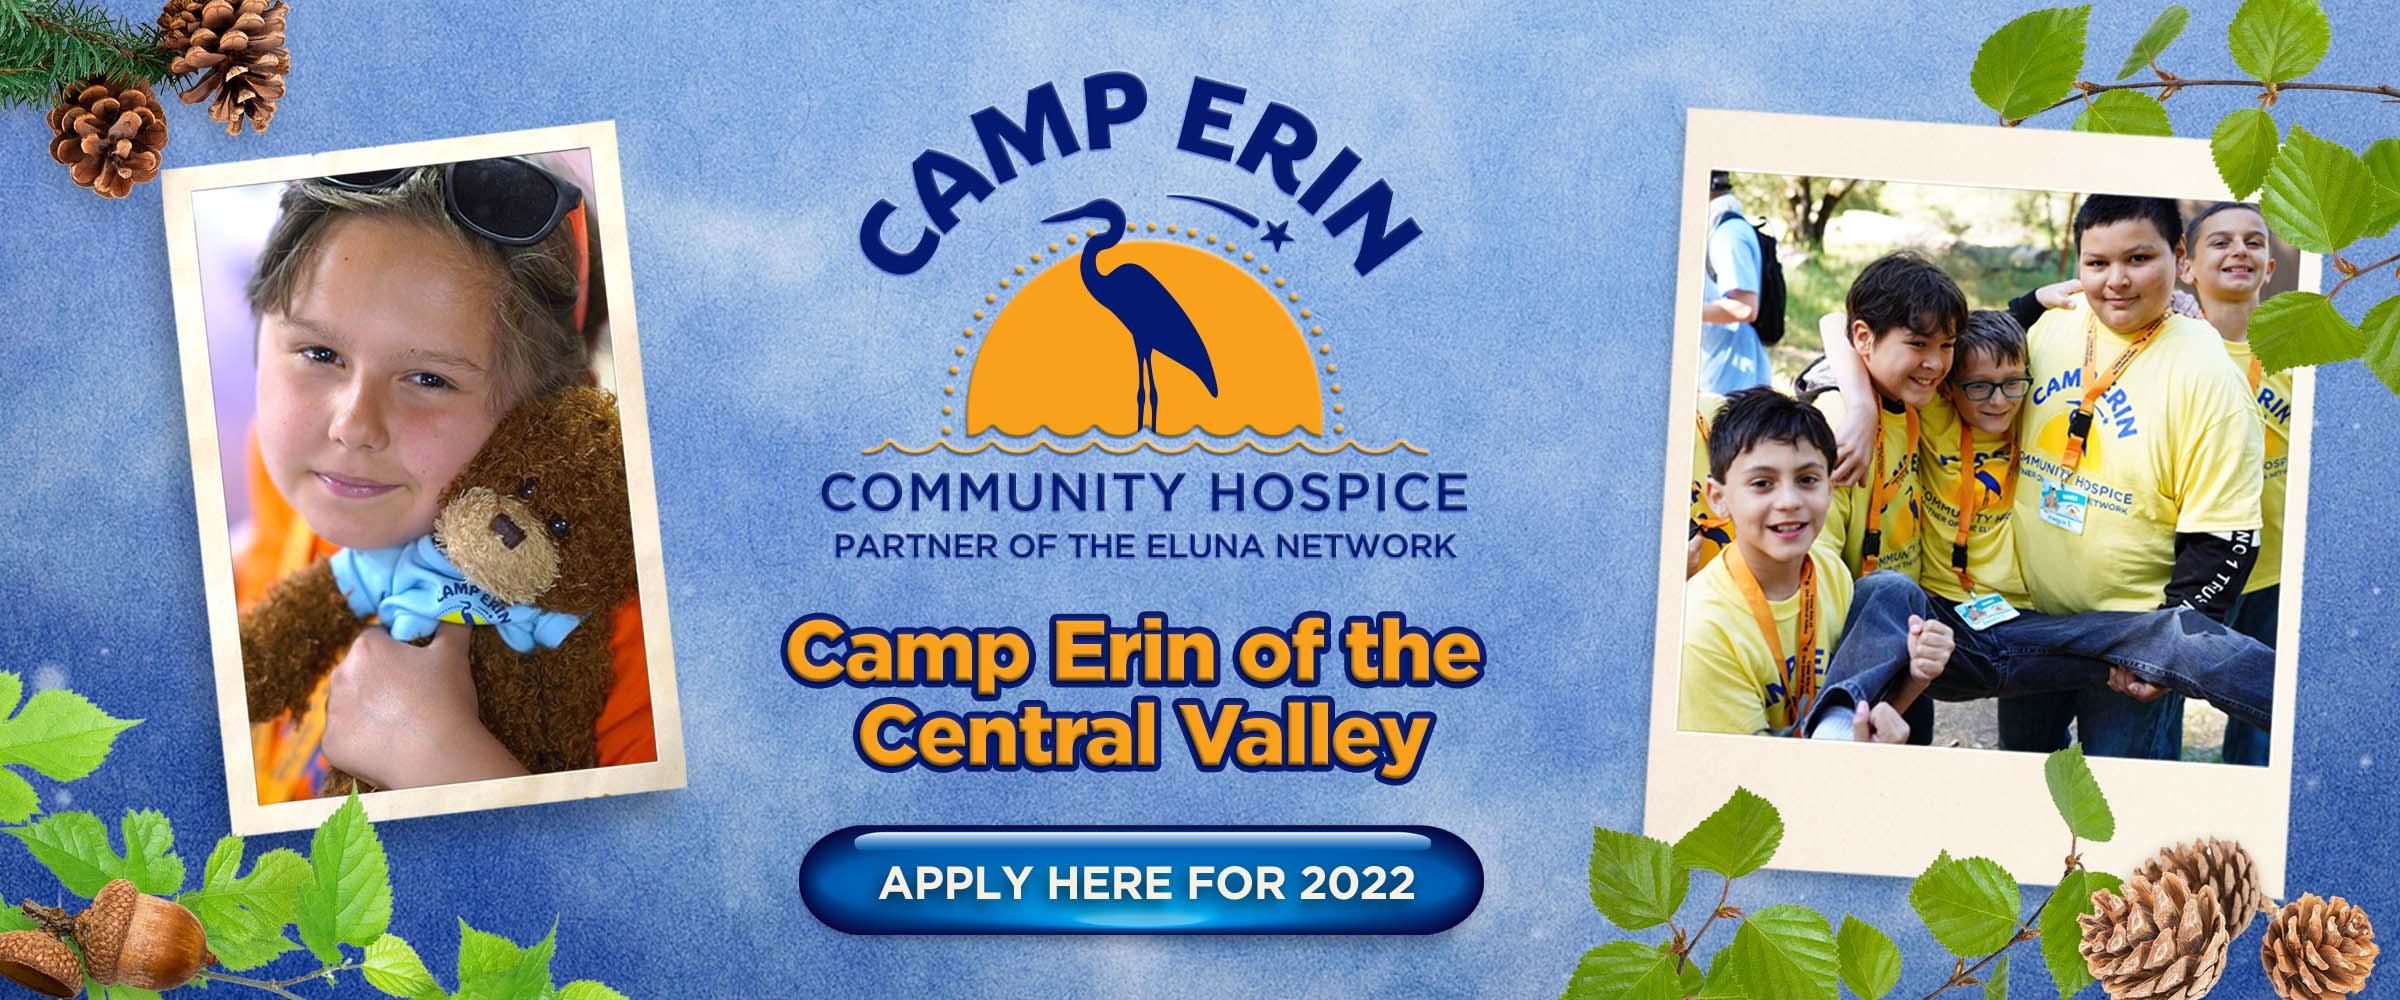 Camp Erin Carousel 2021